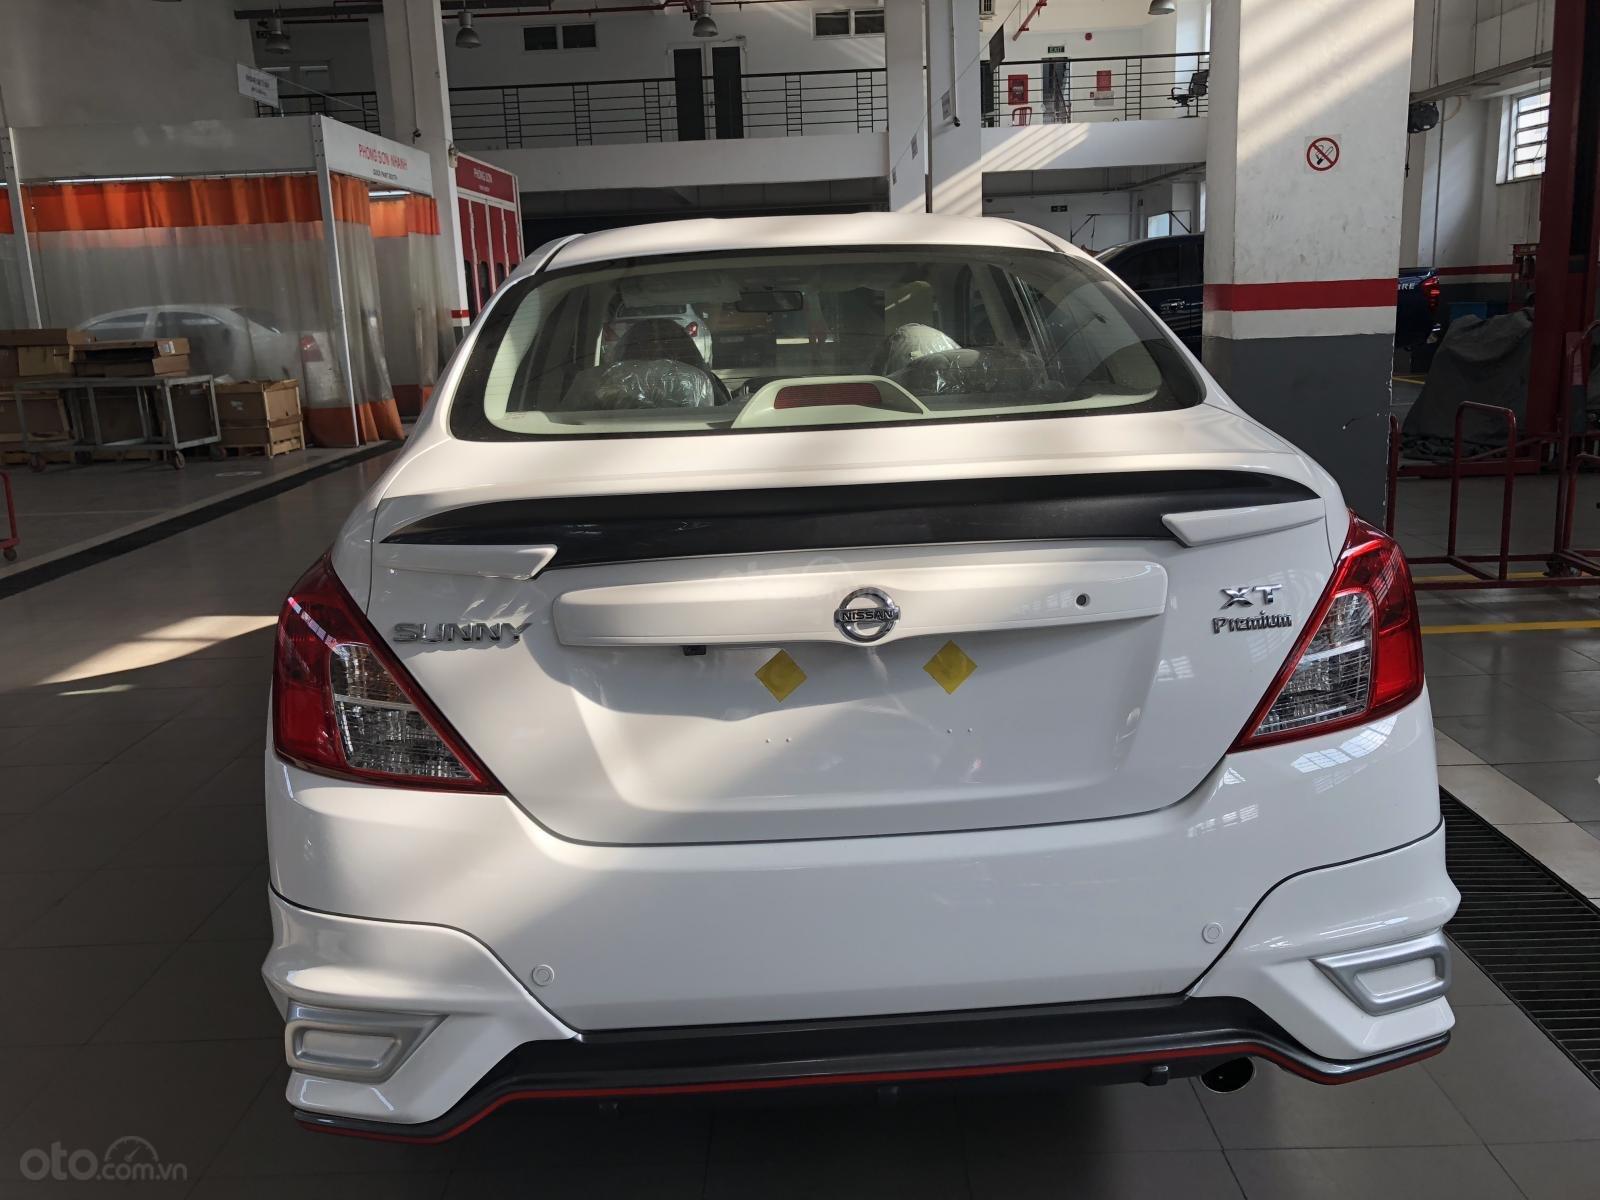 Cần bán xe Nissan Sunny XV-Q Premium sản xuất 2019, CTKM Khủng, giao xe ngay, LH 0938466812-2